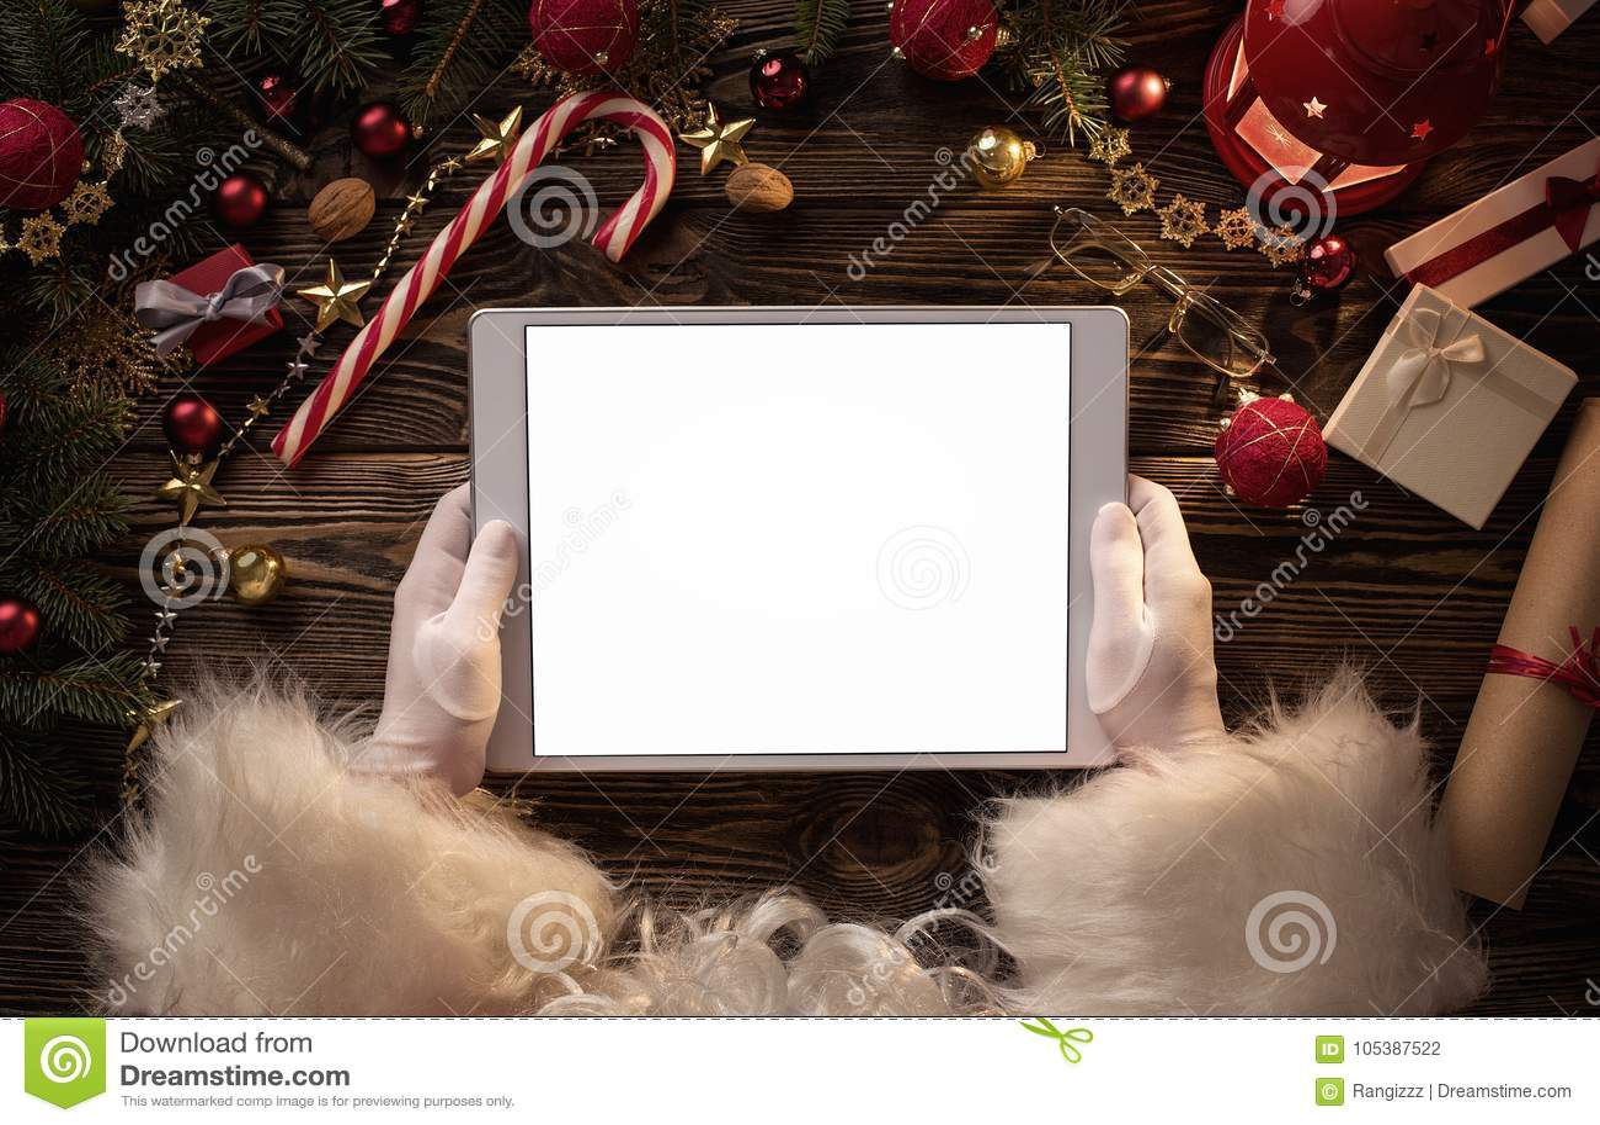 Święty Mikołaj wręcza mieniu pustą cyfrową pastylkę